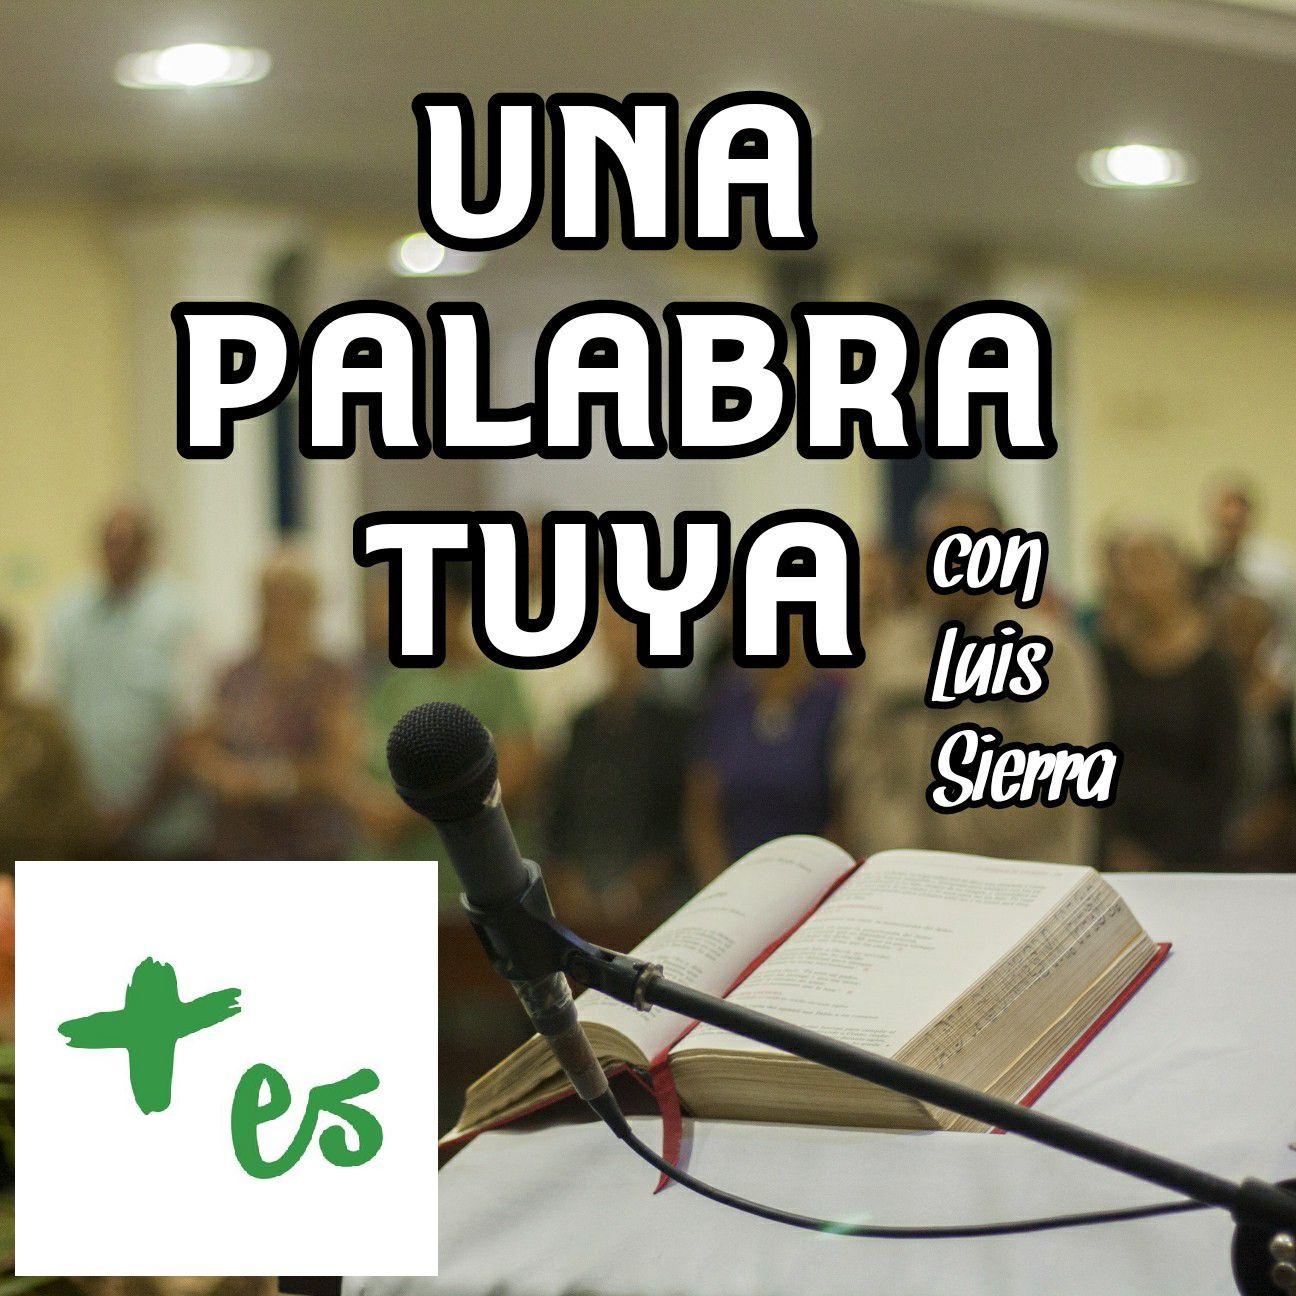 Una Palabra Tuya | 1 FEB 2019